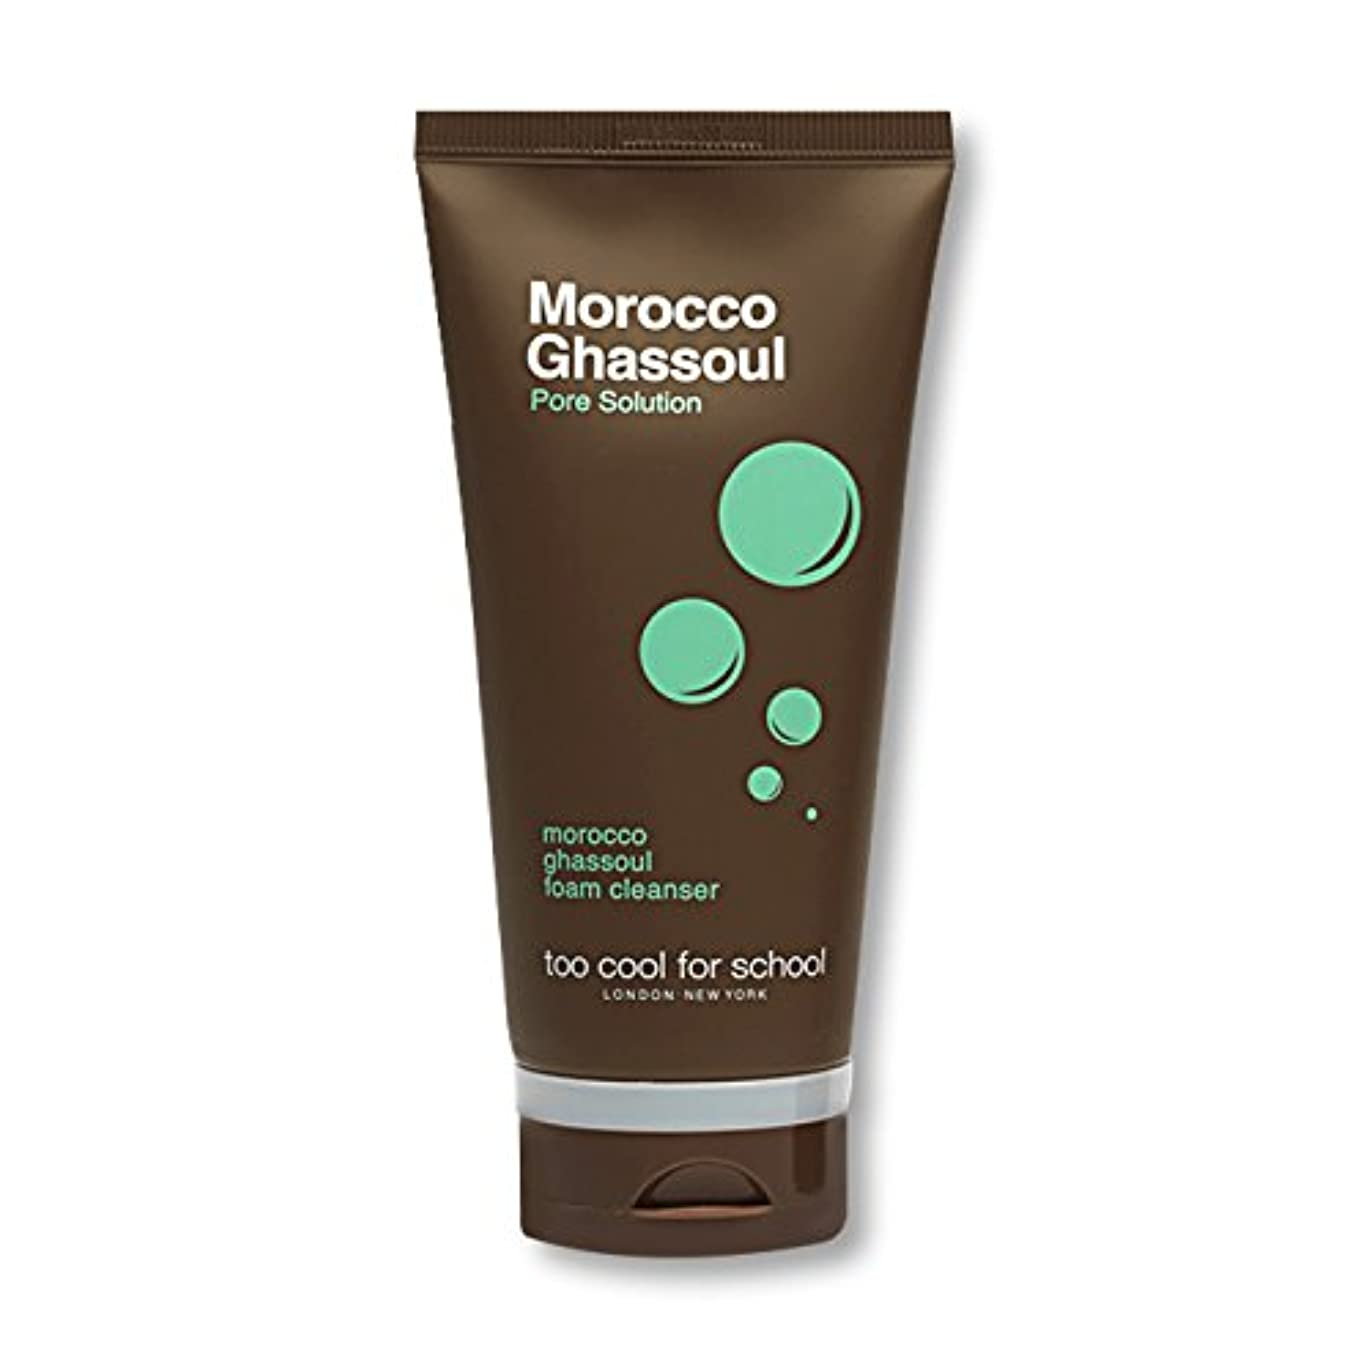 納税者何もないハドルtoo cool for school(トゥークールフォースクール)モロッコ ガスール フォーム クレンザー(MOROCCO GHASSOUL FOAM CLEANSER)150g